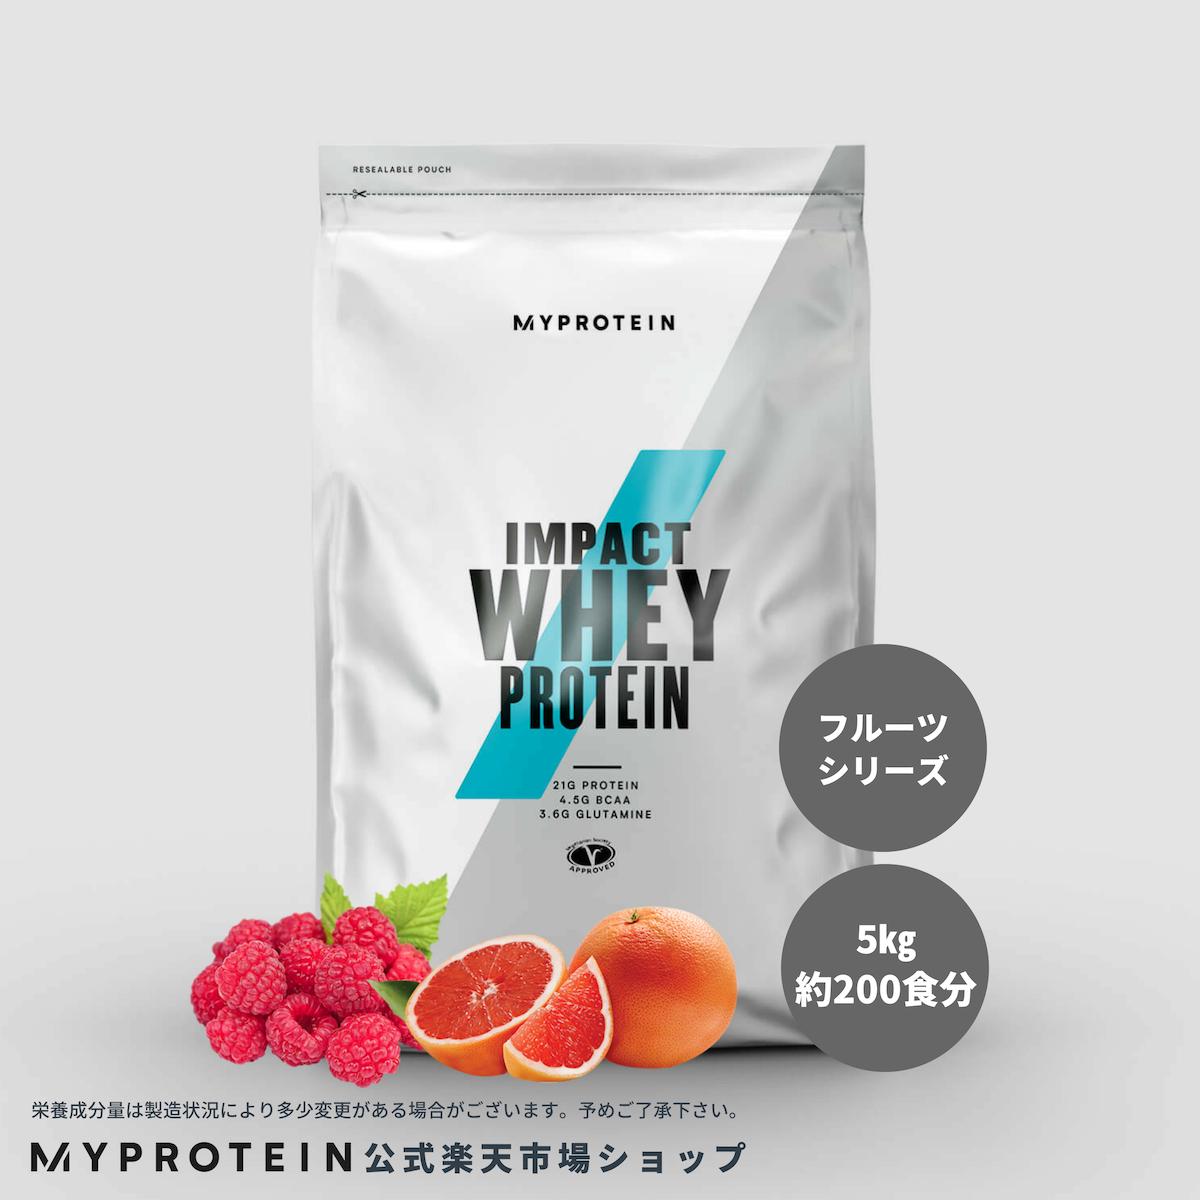 マイプロテイン 公式 【MyProtein】 Impact ホエイプロテイン(フルーツシリーズ) 5kg 約200食分| プロテイン ホエイ ダイエット ぷろていん 女性 たんぱく質 タンパク質 ザバス ビーレジェンド 【楽天海外直送】